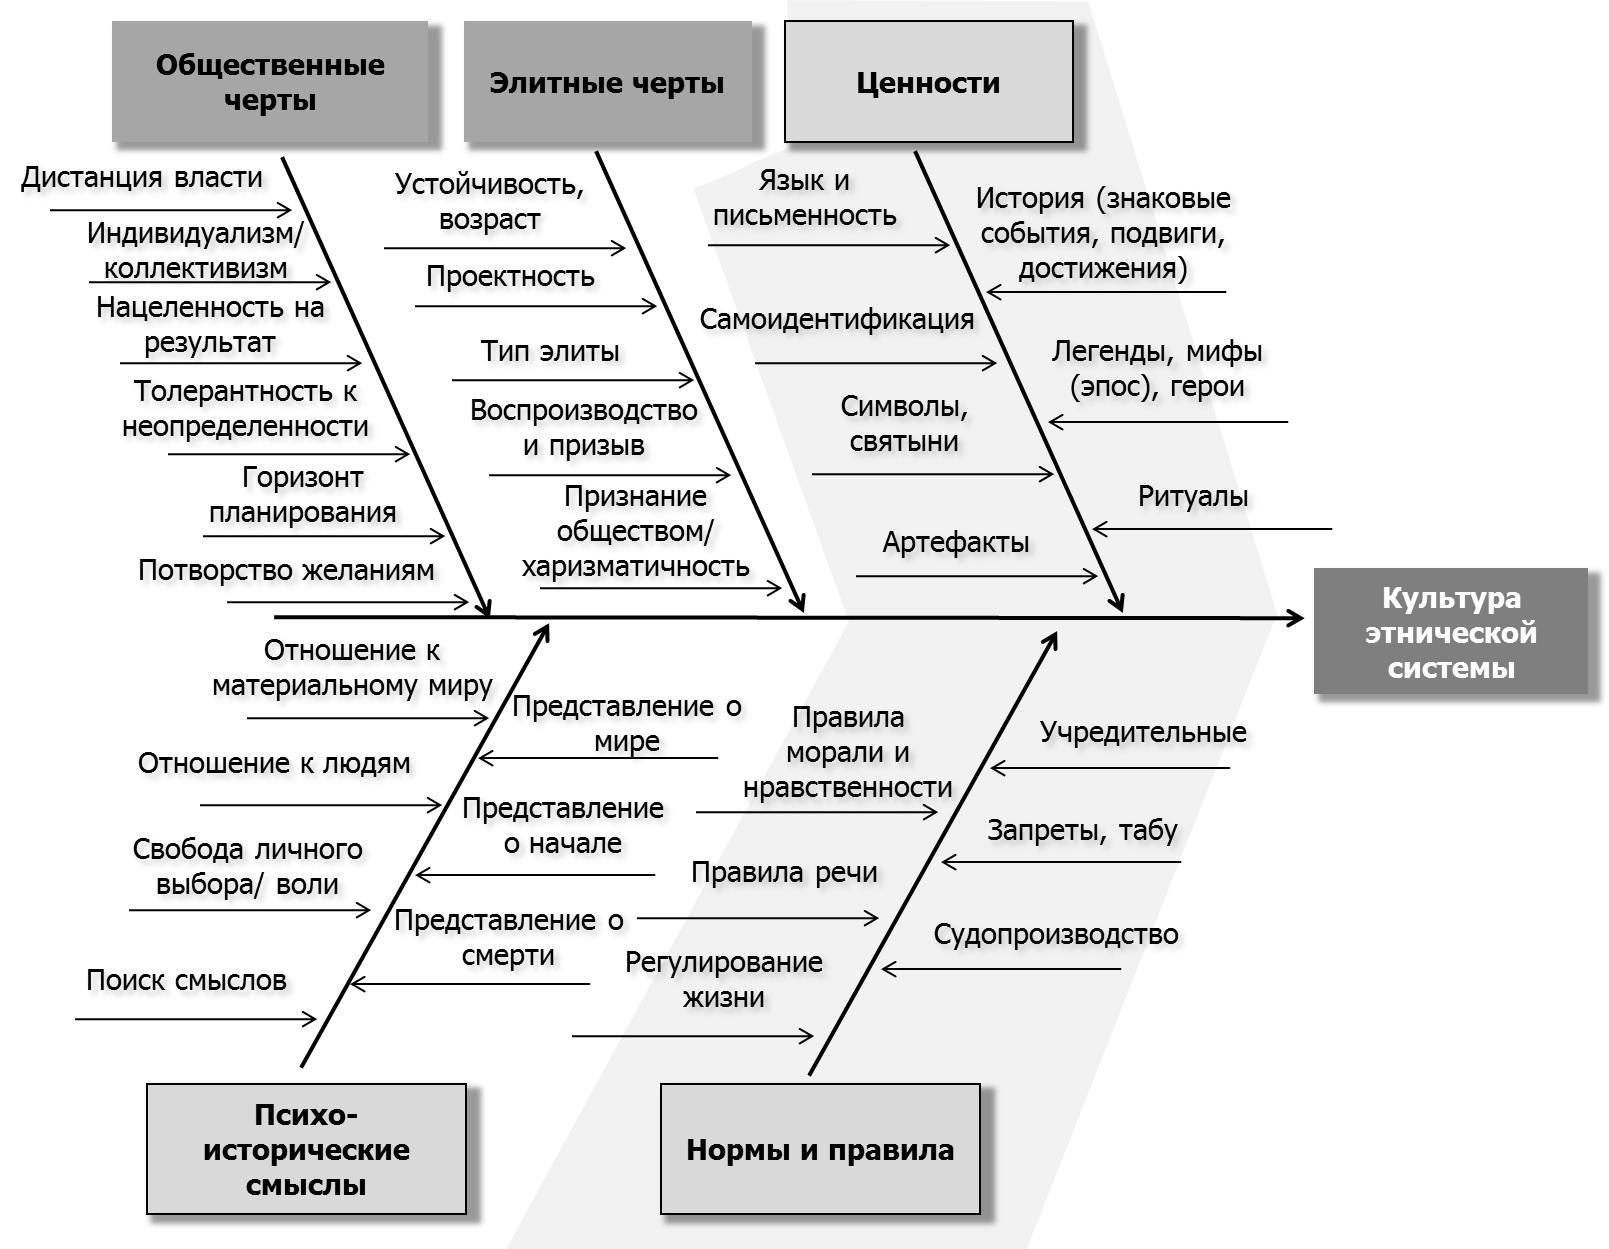 Структура культуры этнической системы